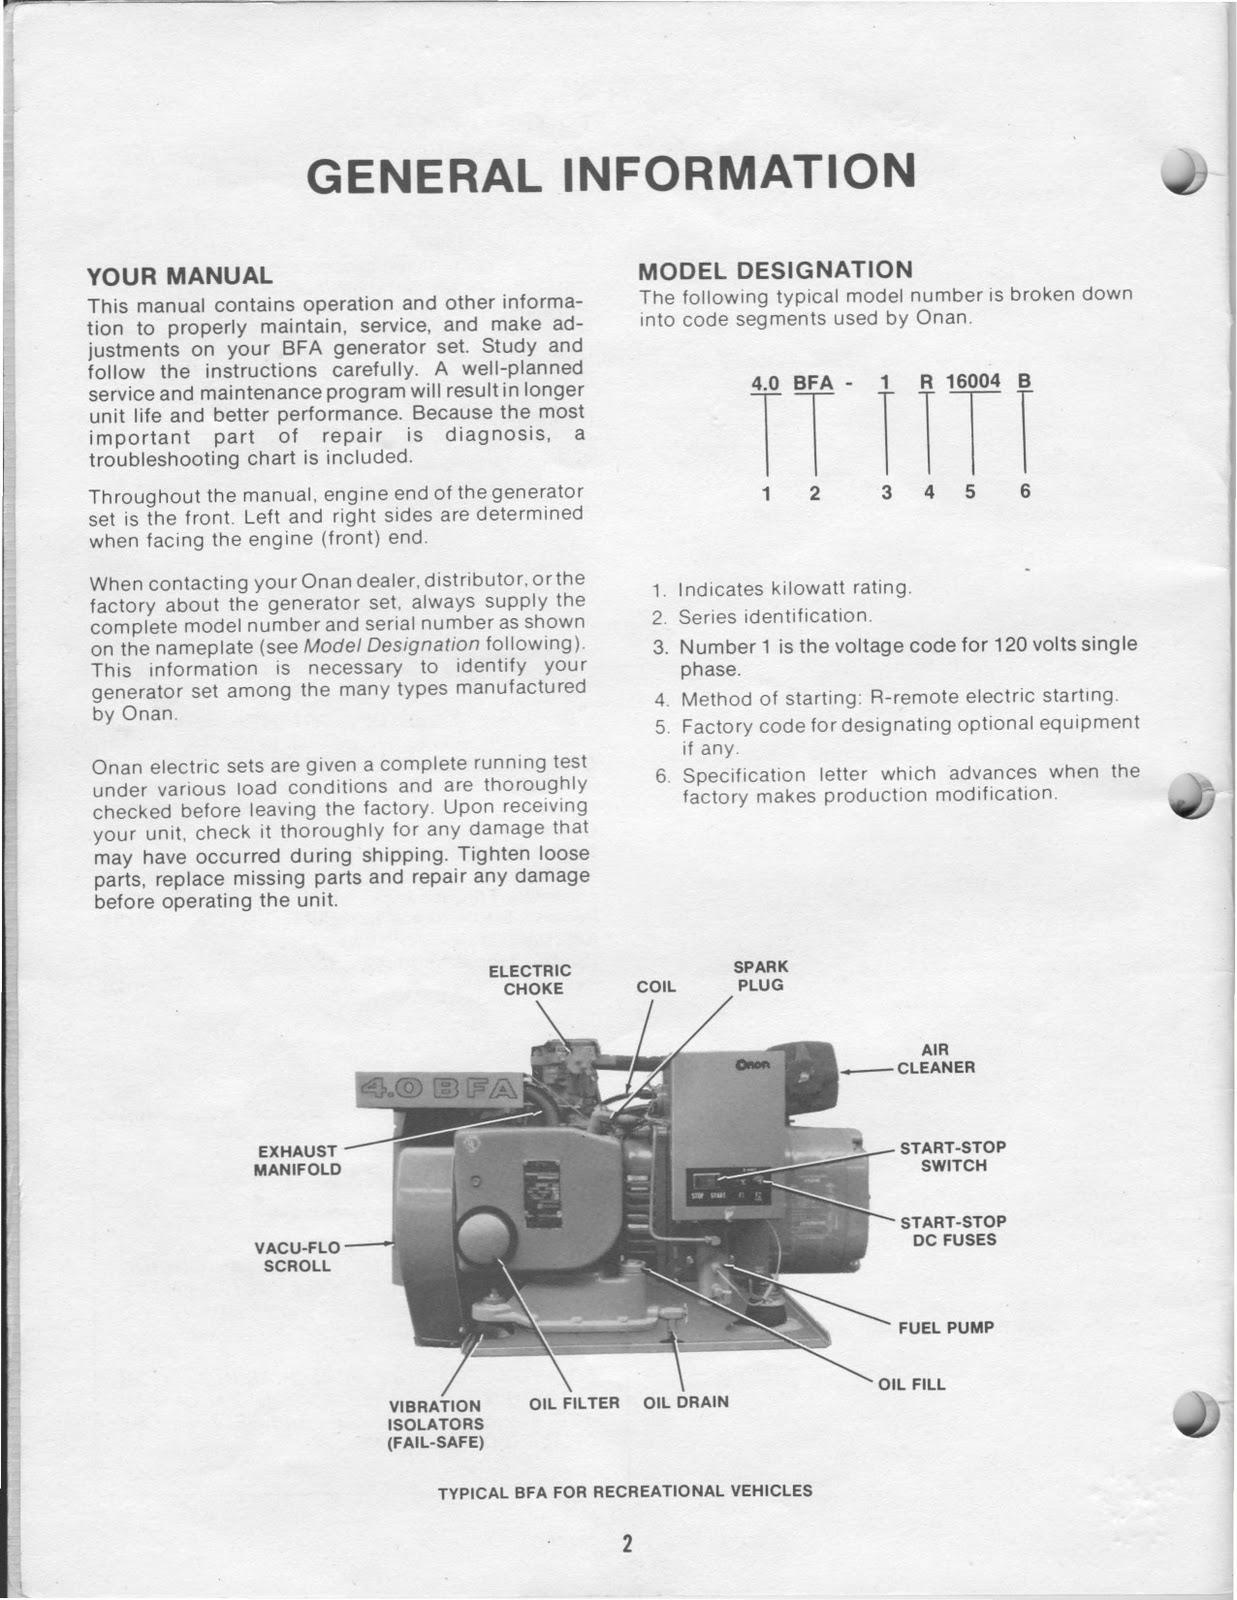 Onan 4kw Generator Wiring Diagram - Wiring Diagram